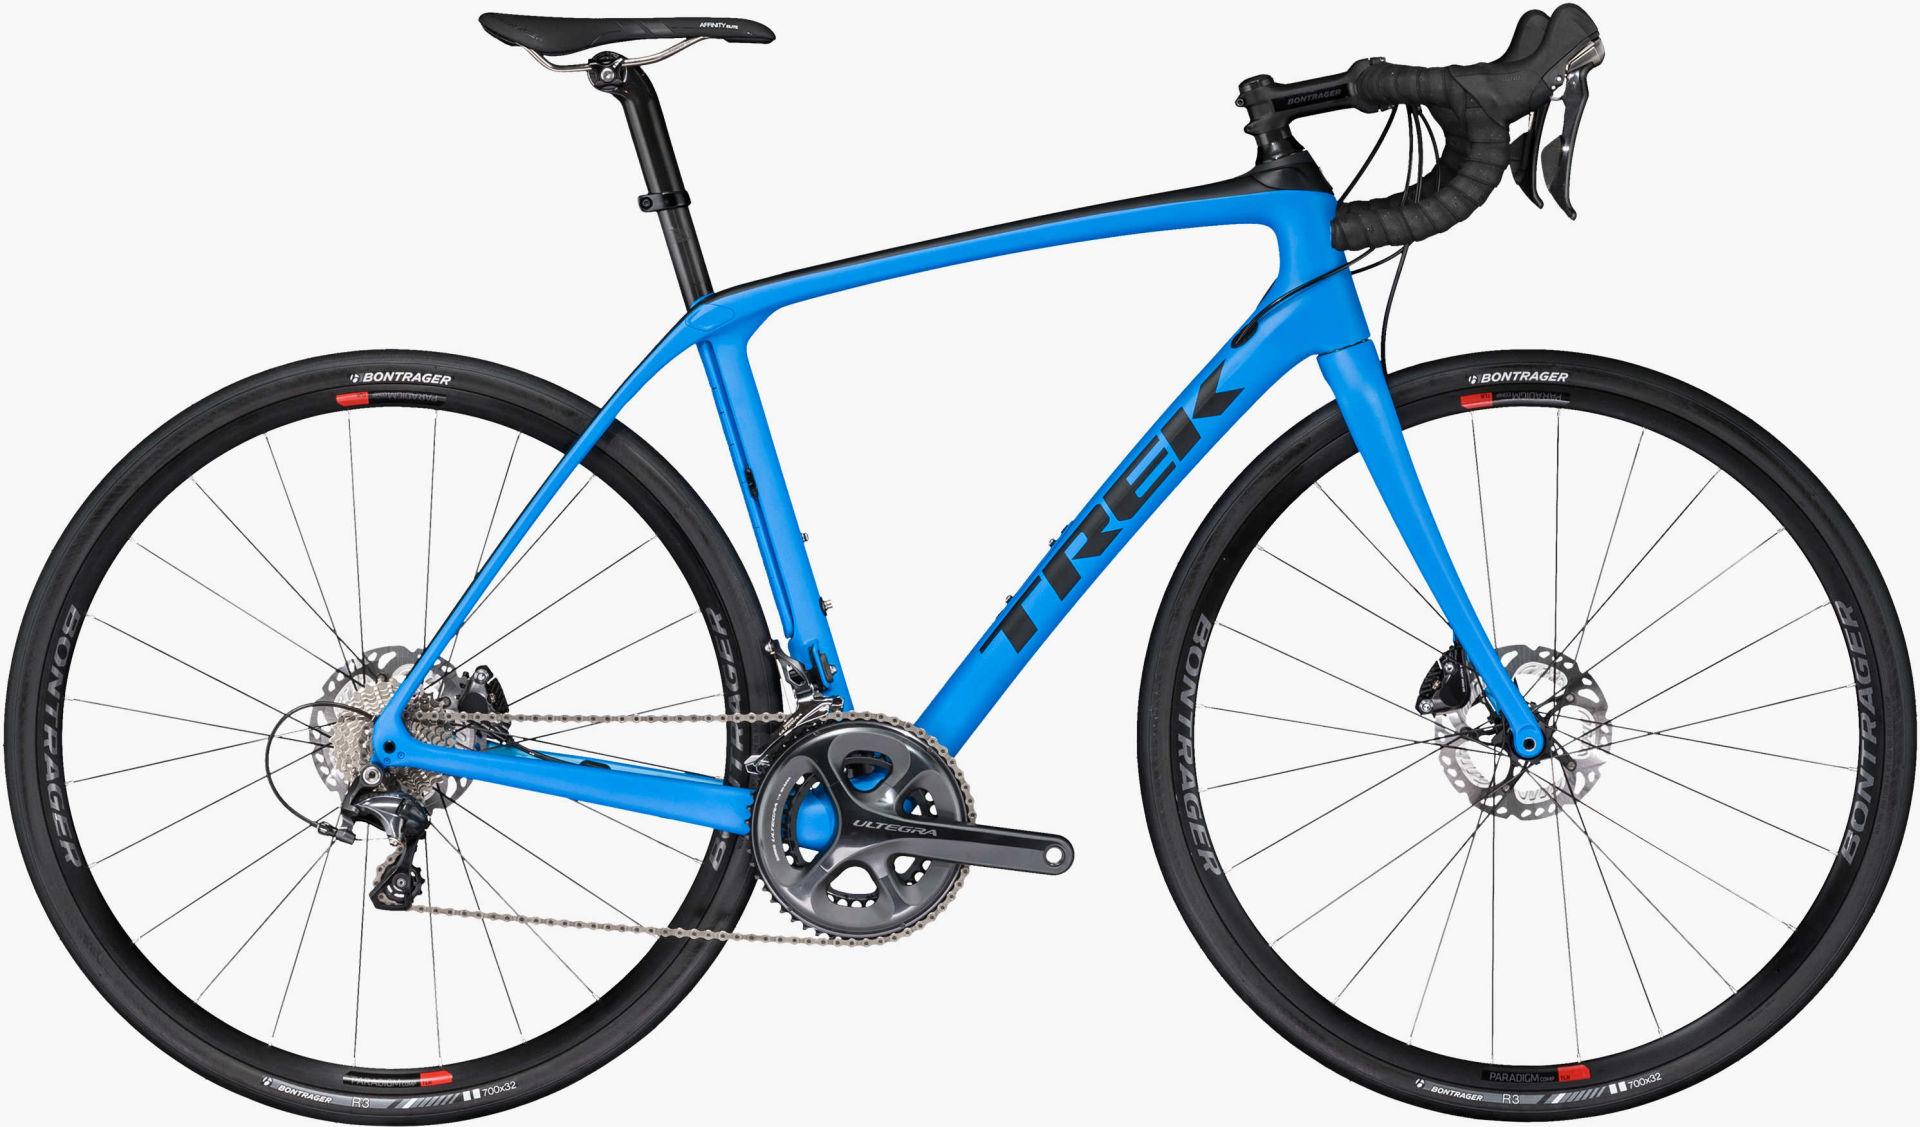 Trek Domane Slr 6 Disc 2017 Racing Bike